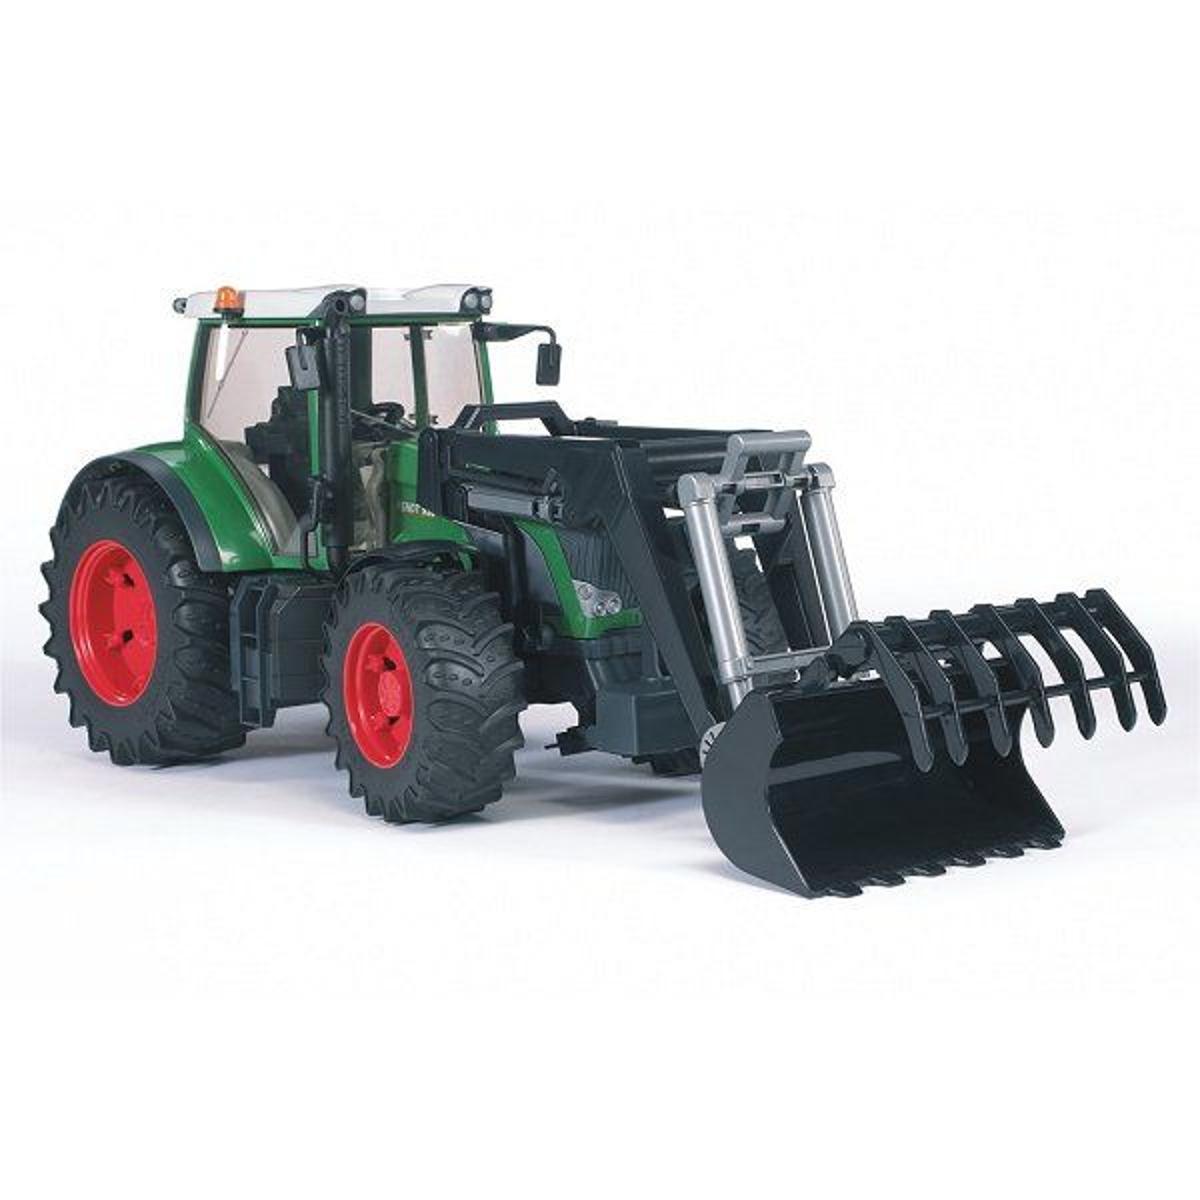 Tracteur Fendt 936 Vario avec fourche